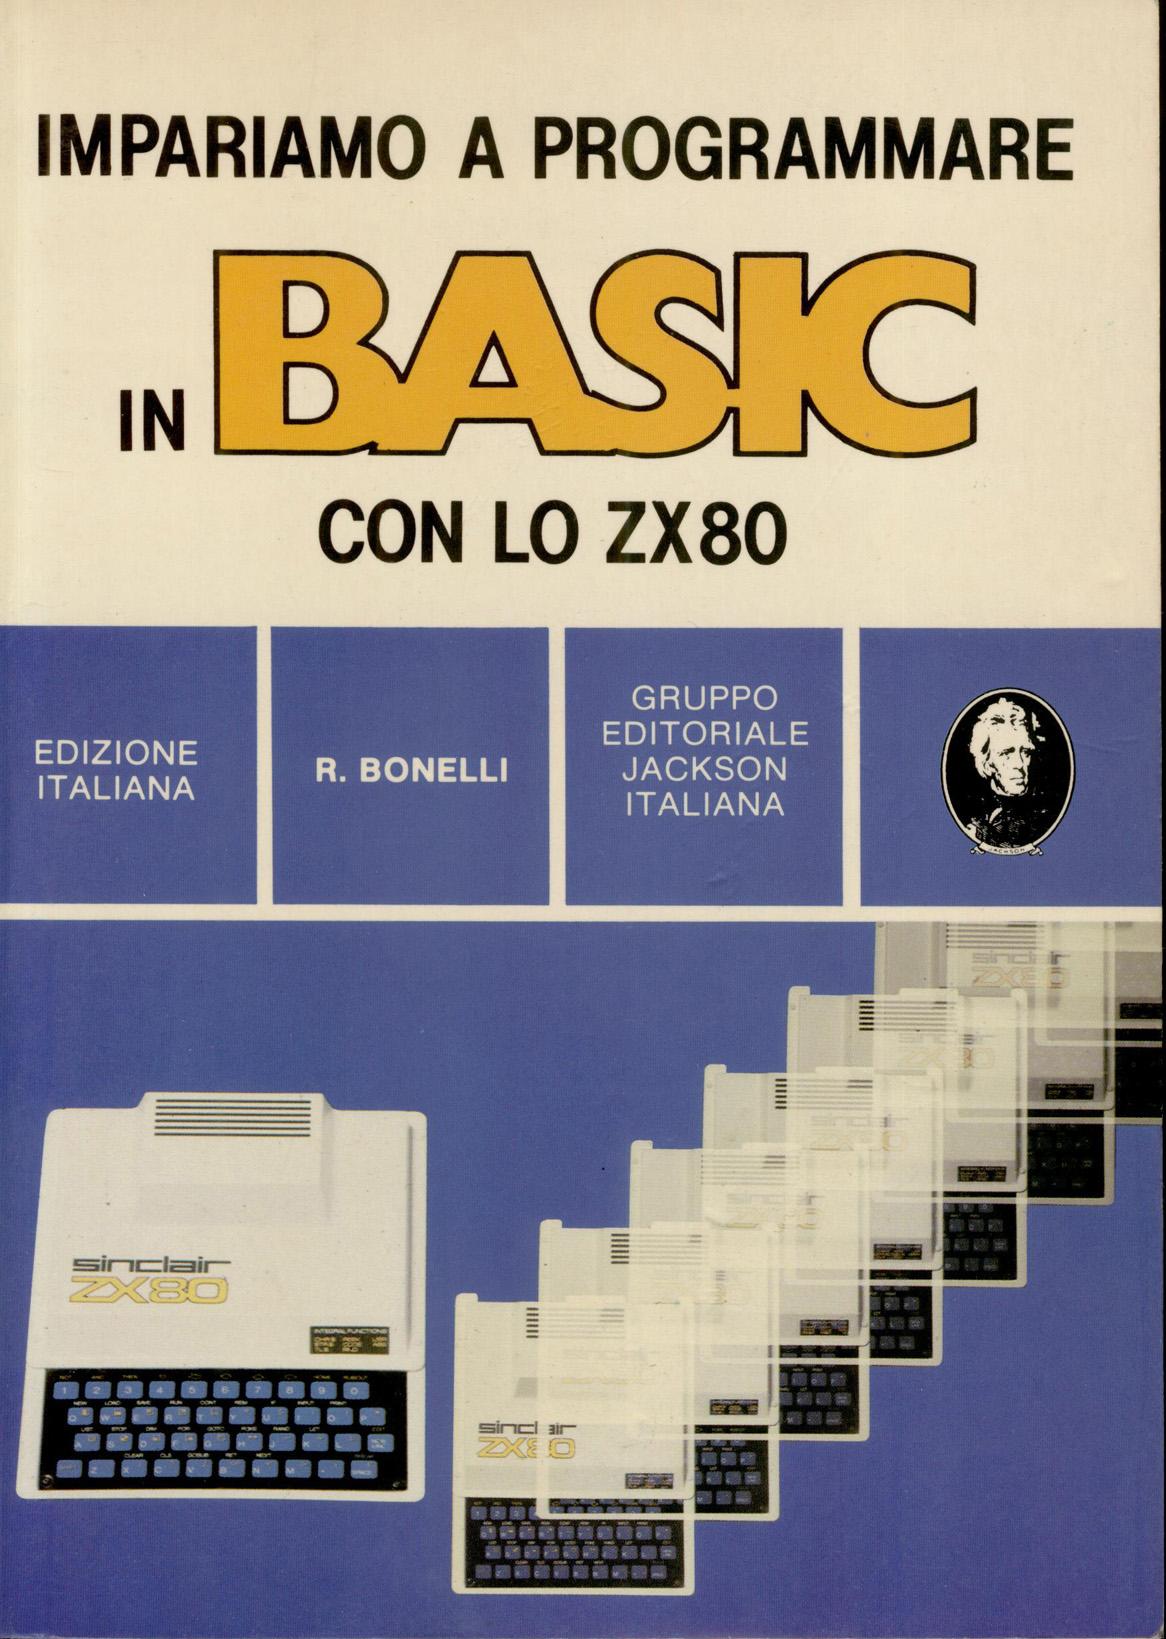 Impariamo a Programmare in BASIC con lo ZX80 image, screenshot or loading screen